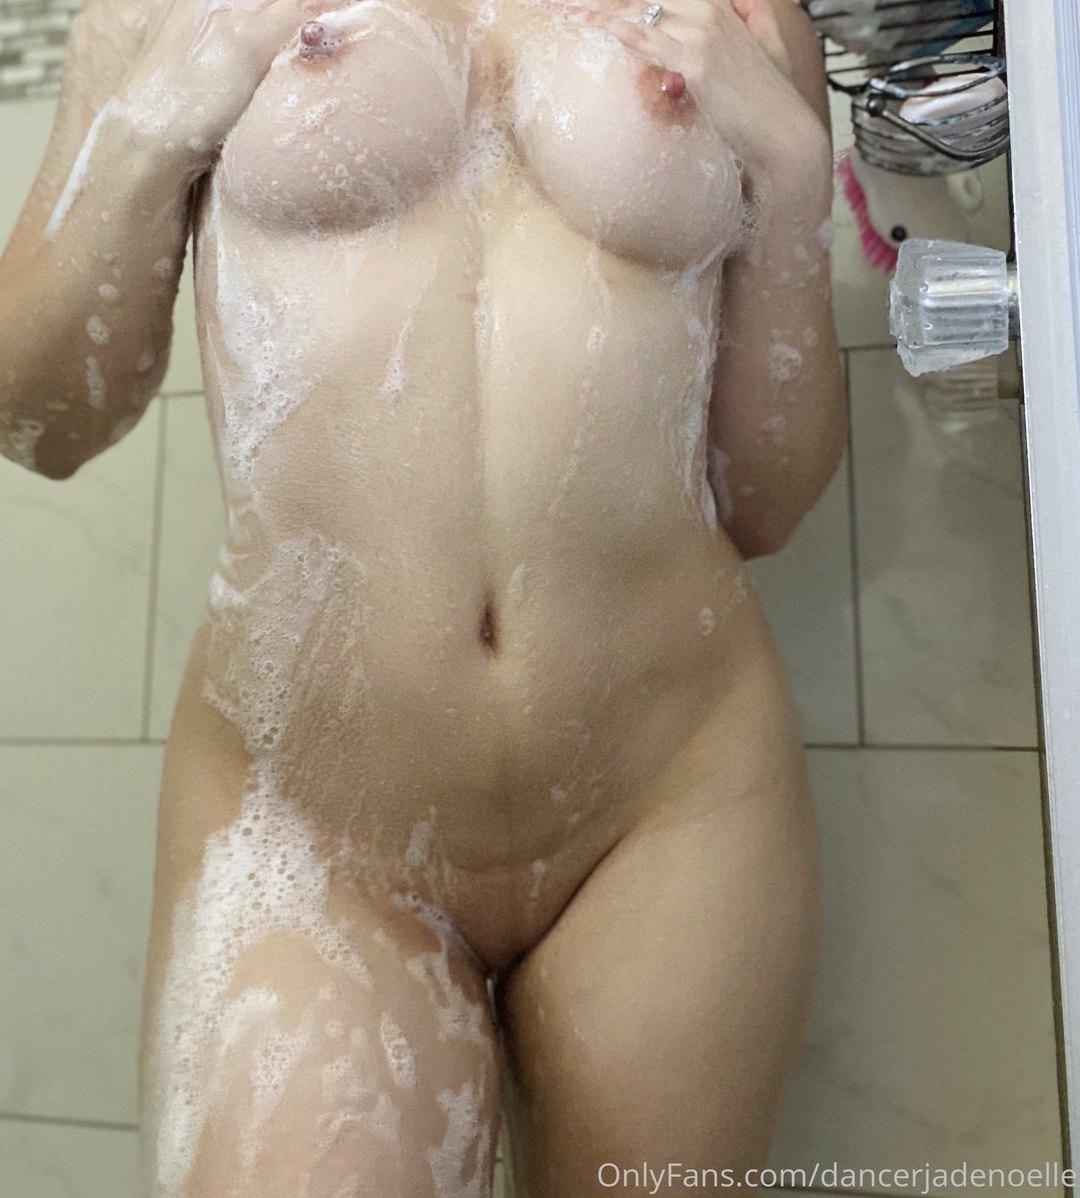 Jade Dancerjadenoelle Onlyfans Nudes Leaks 0026